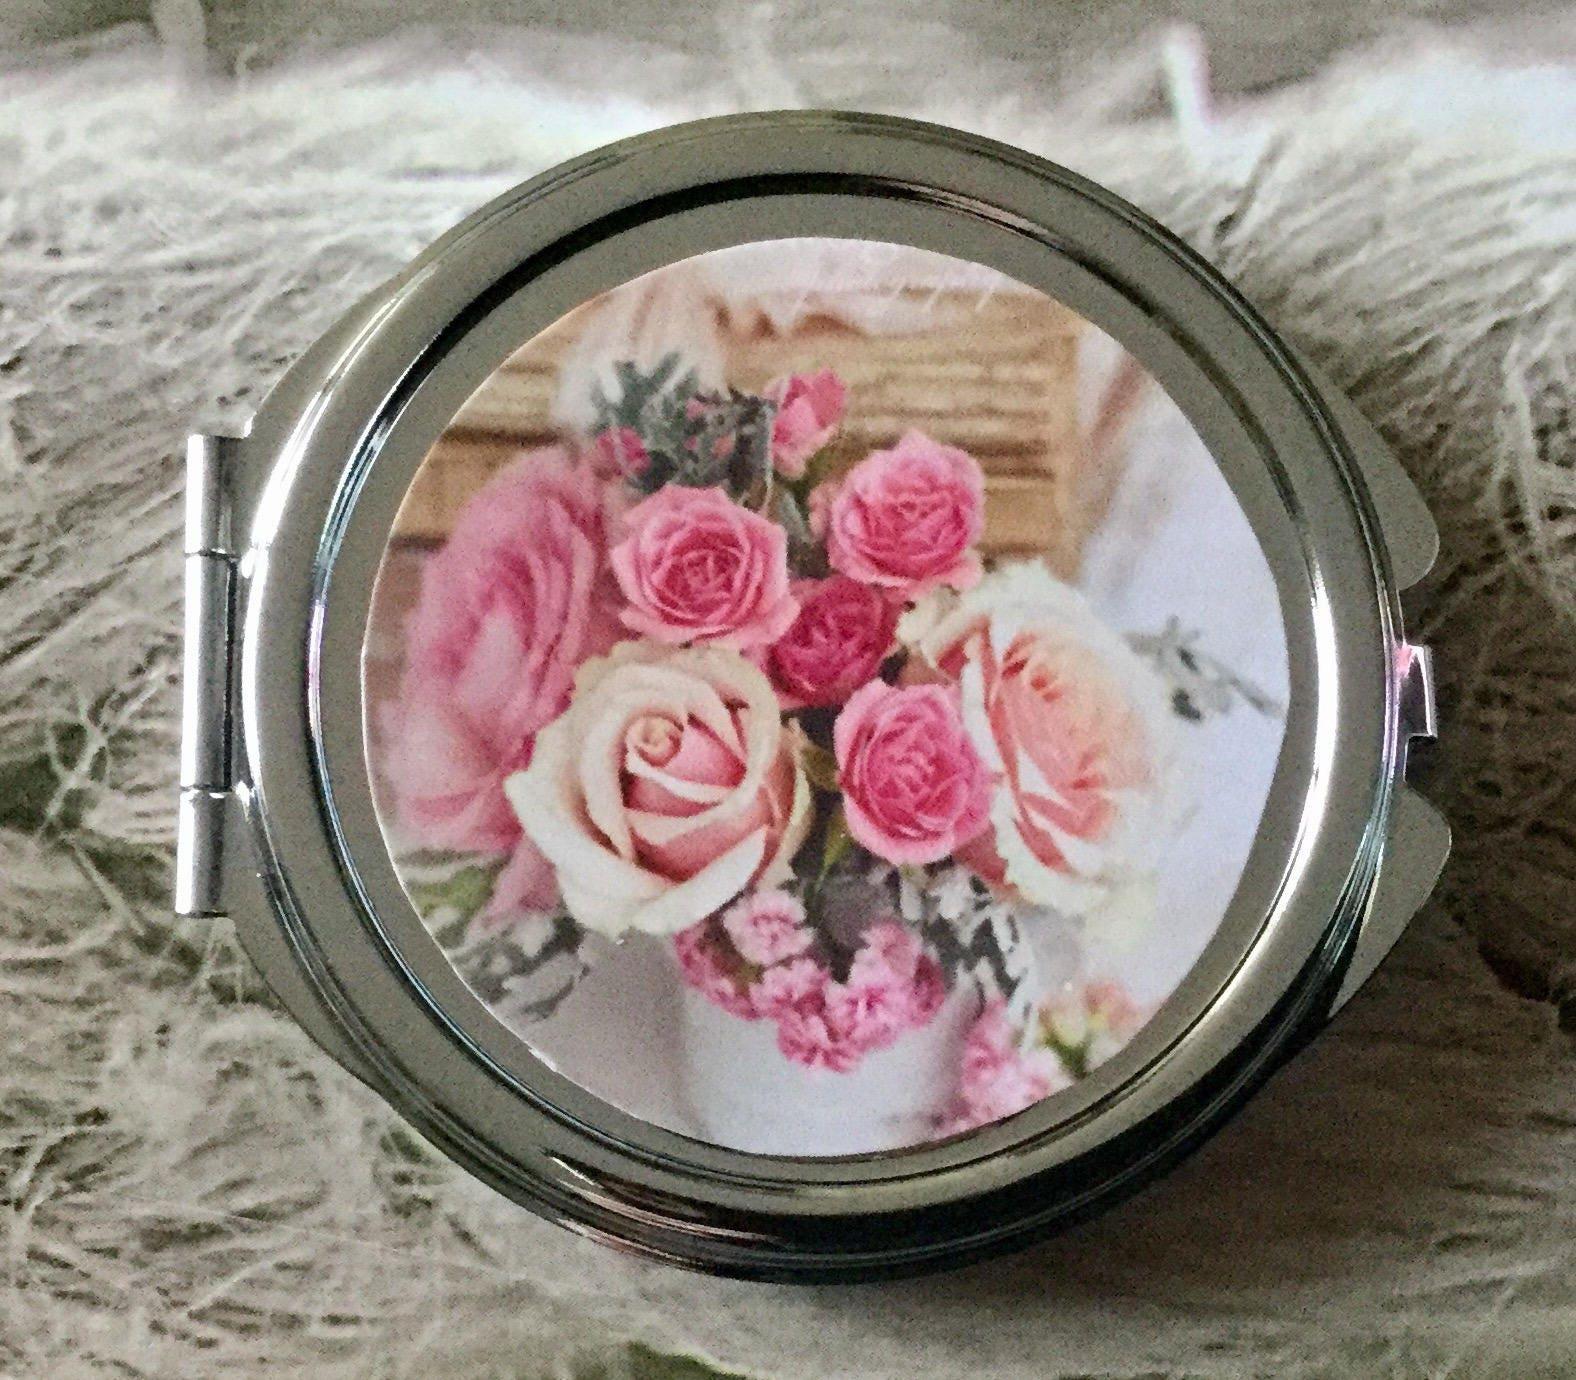 Cadeau pour femme romantique miroir de poche mariage rond - Cadeau romantique pour femme ...